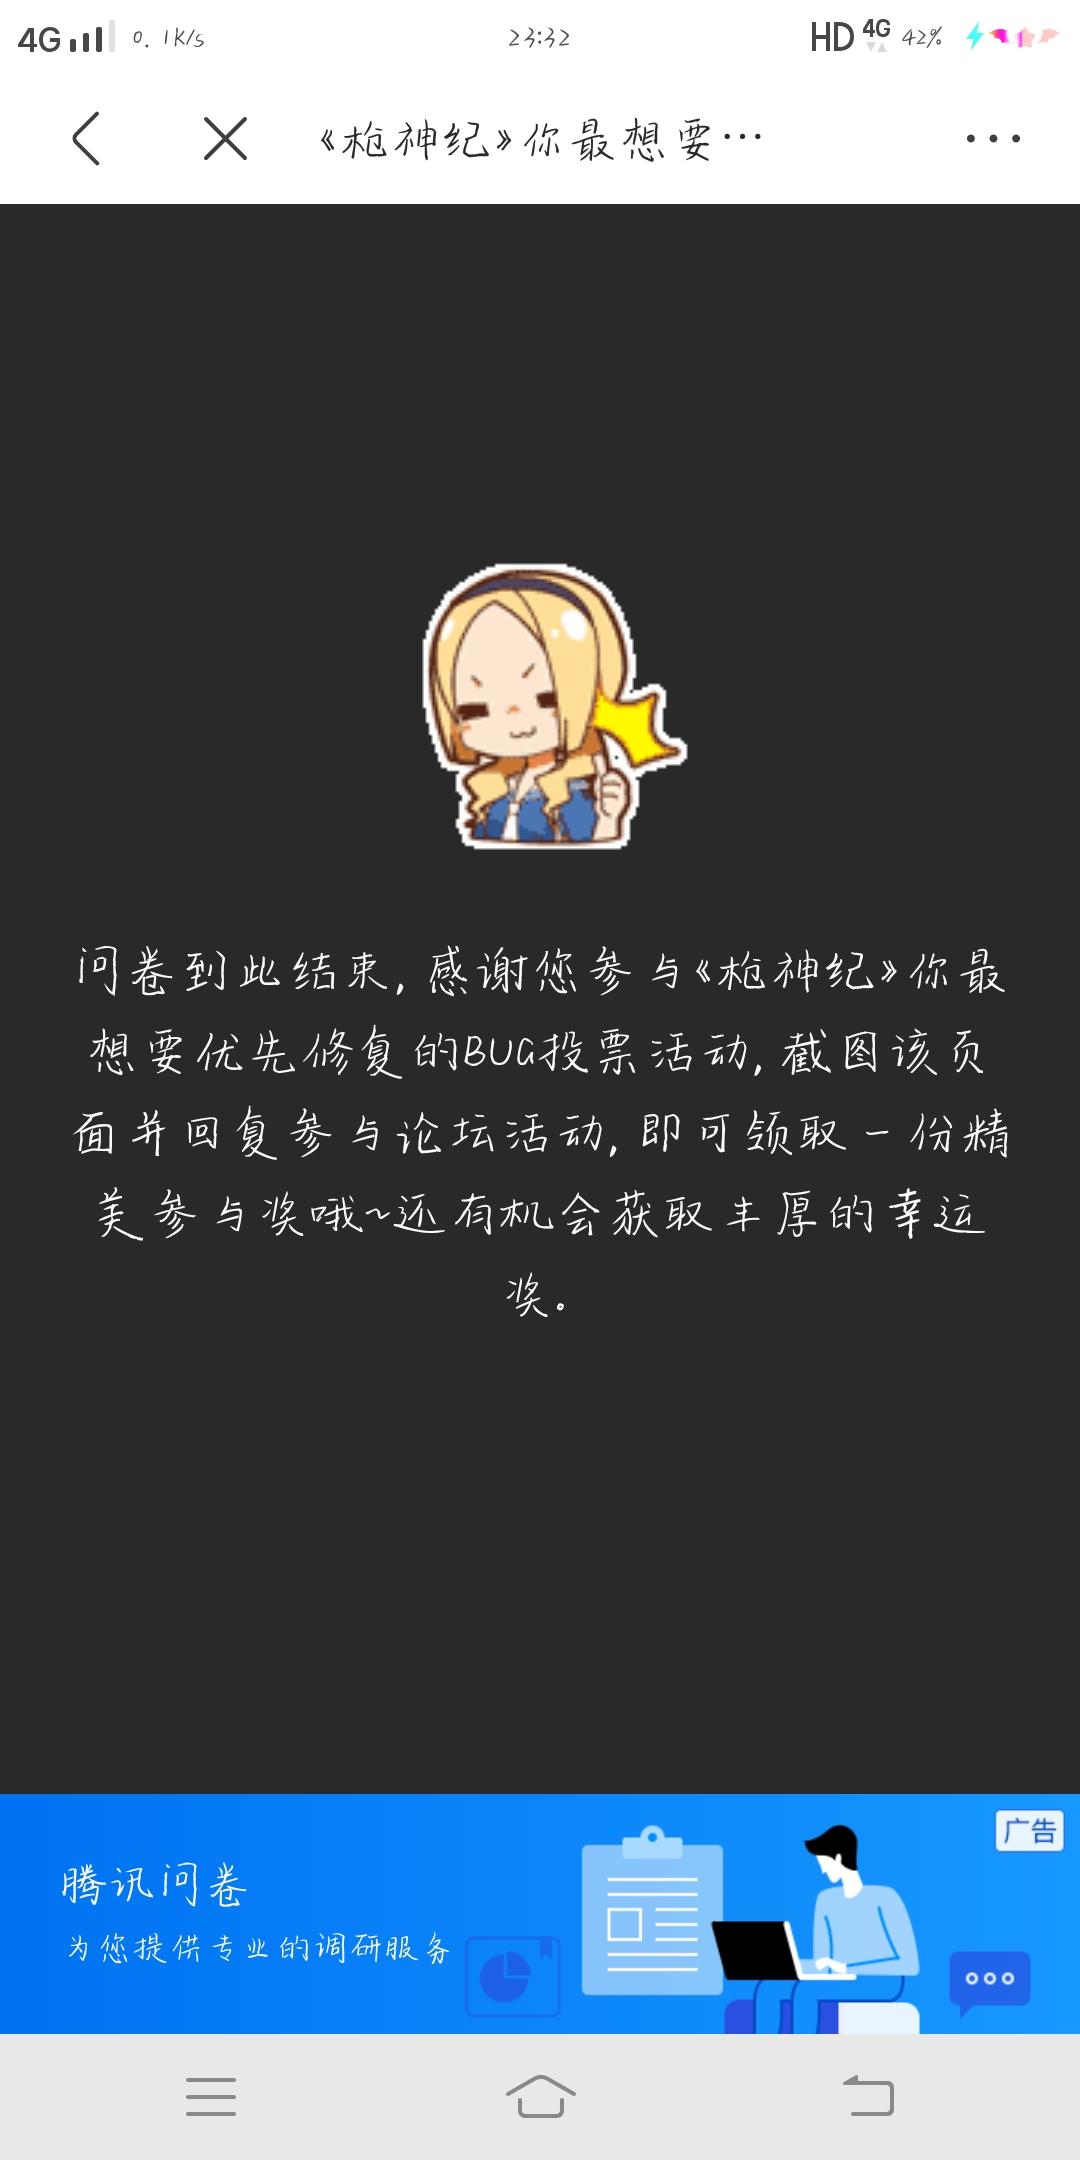 Screenshot_20200309_233242.jpg